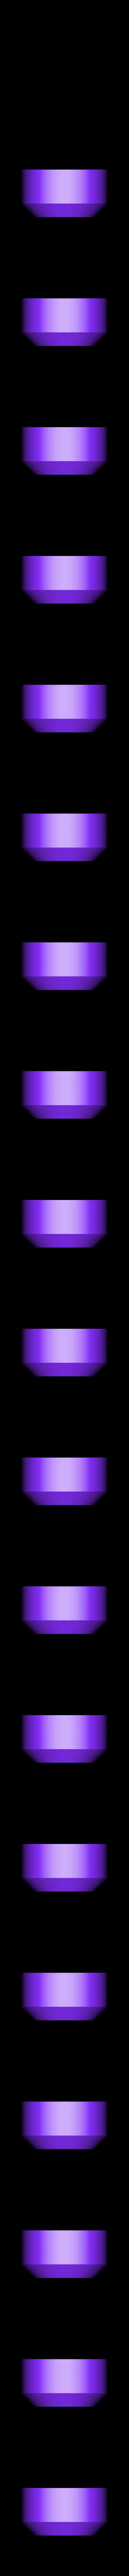 Ukulele_fretboard_dot.stl Télécharger fichier STL gratuit Ukulélé imprimé 3d personnalisé • Modèle pour impression 3D, Witorgor